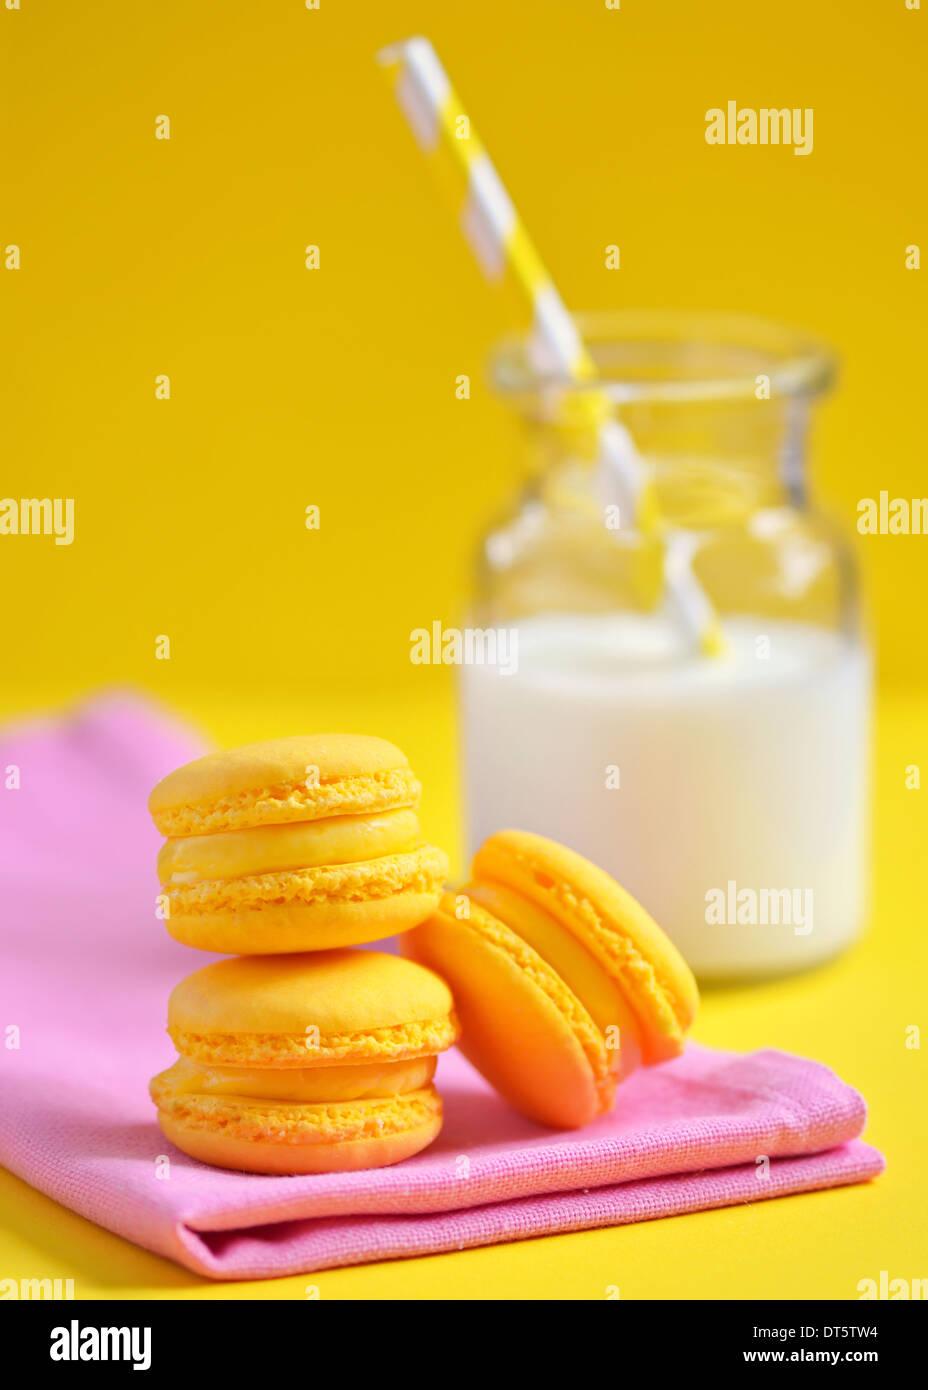 Sapore di limone amaretti e latte Immagini Stock